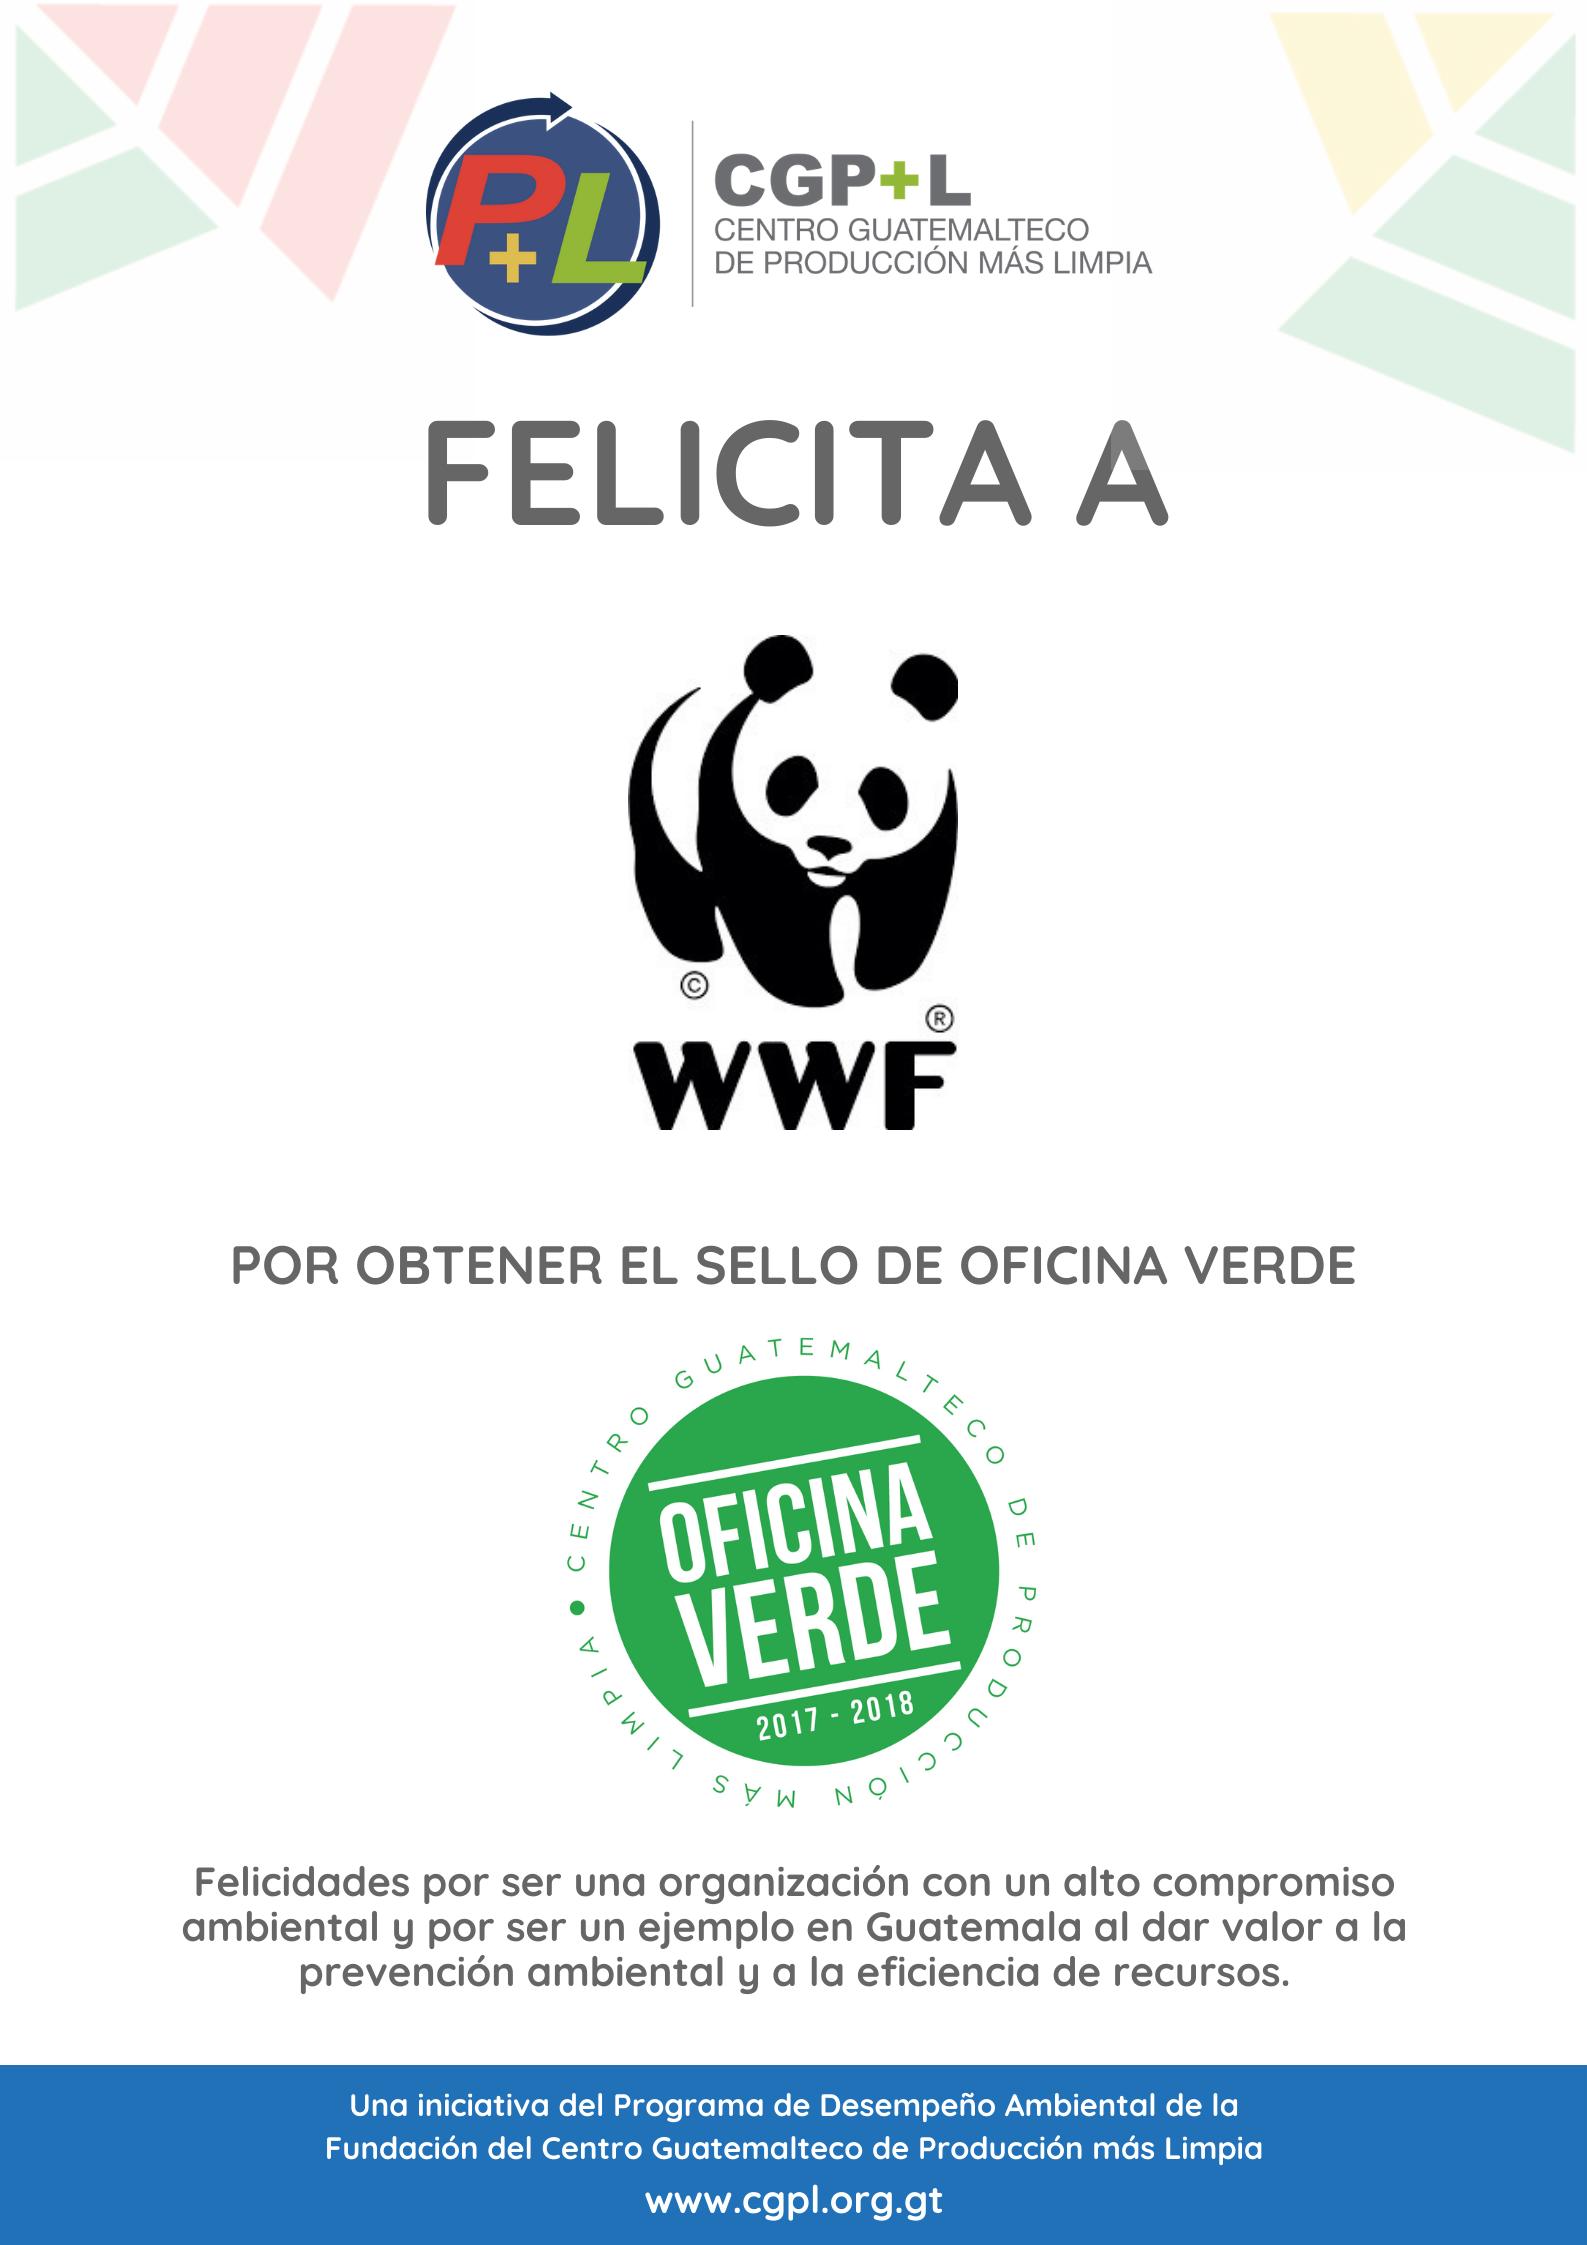 Fondo Mundial Para La Naturaleza Obtiene El Sello De Oficina Verde, ¡felicidades!